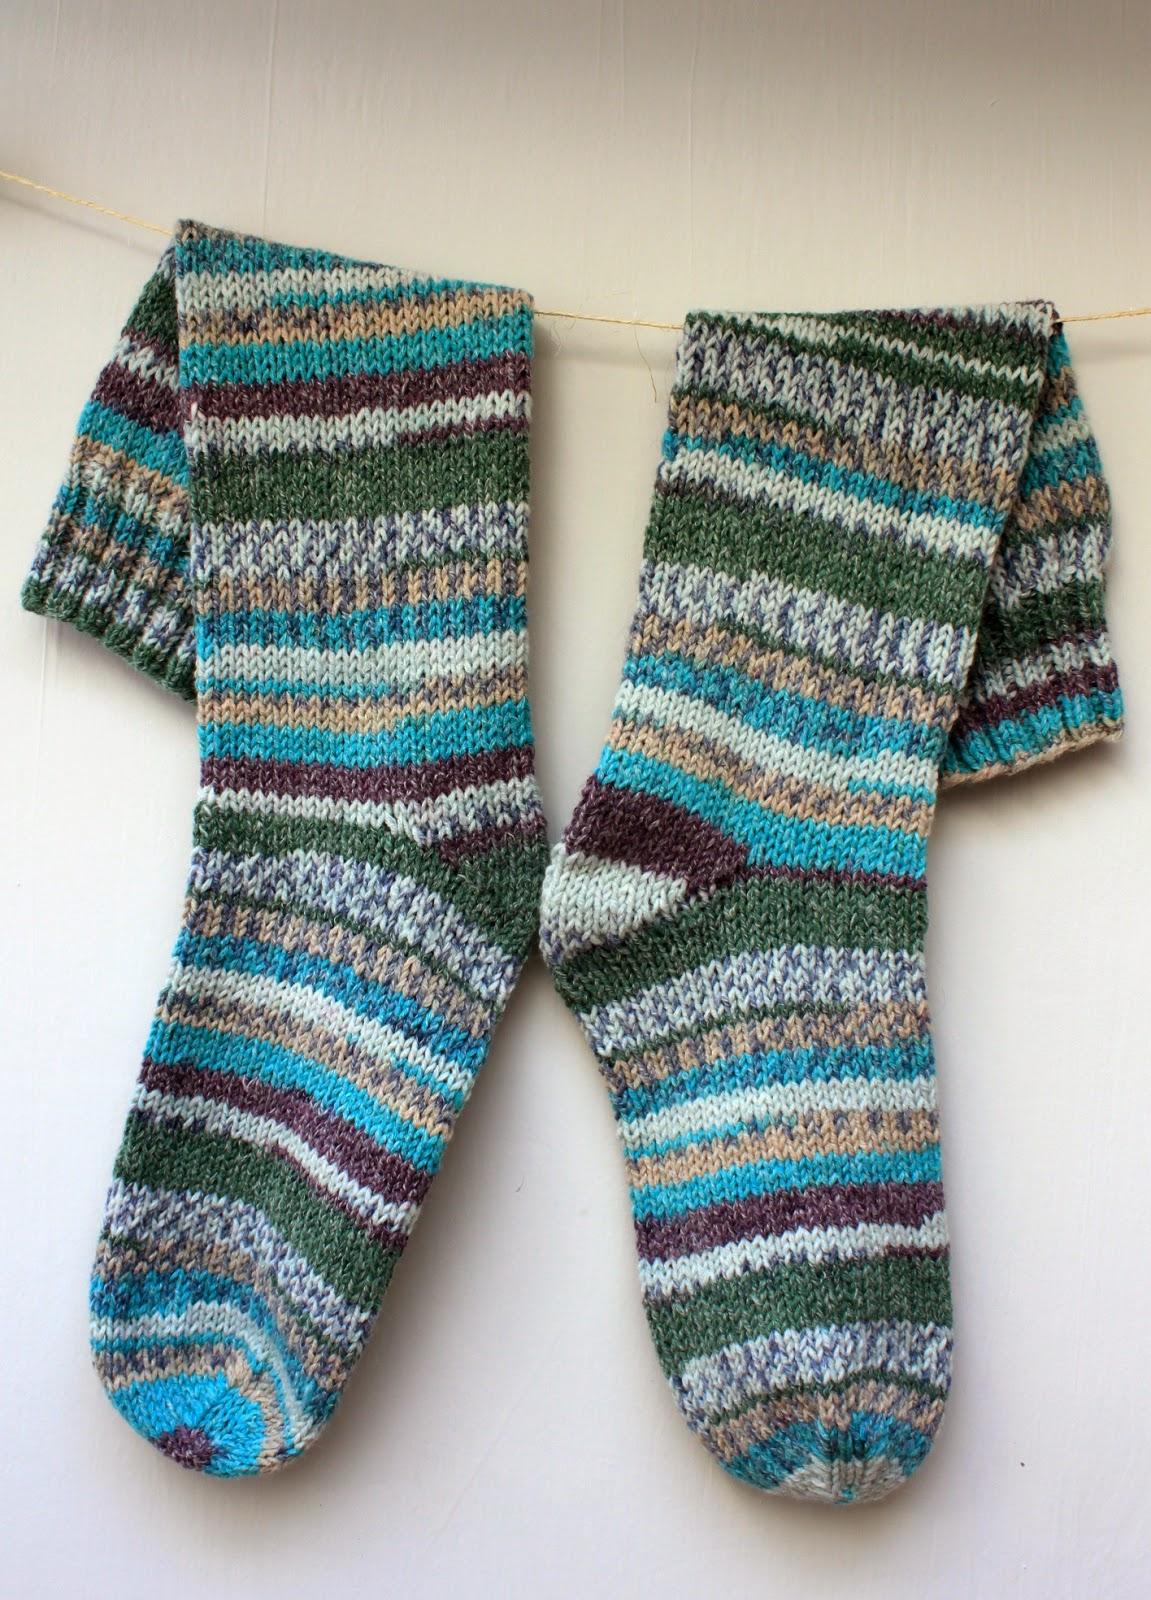 Knitting Pattern For Dk Socks : Hand Knitted Things: Sirdar Crofter DK Socks on Straight Needles